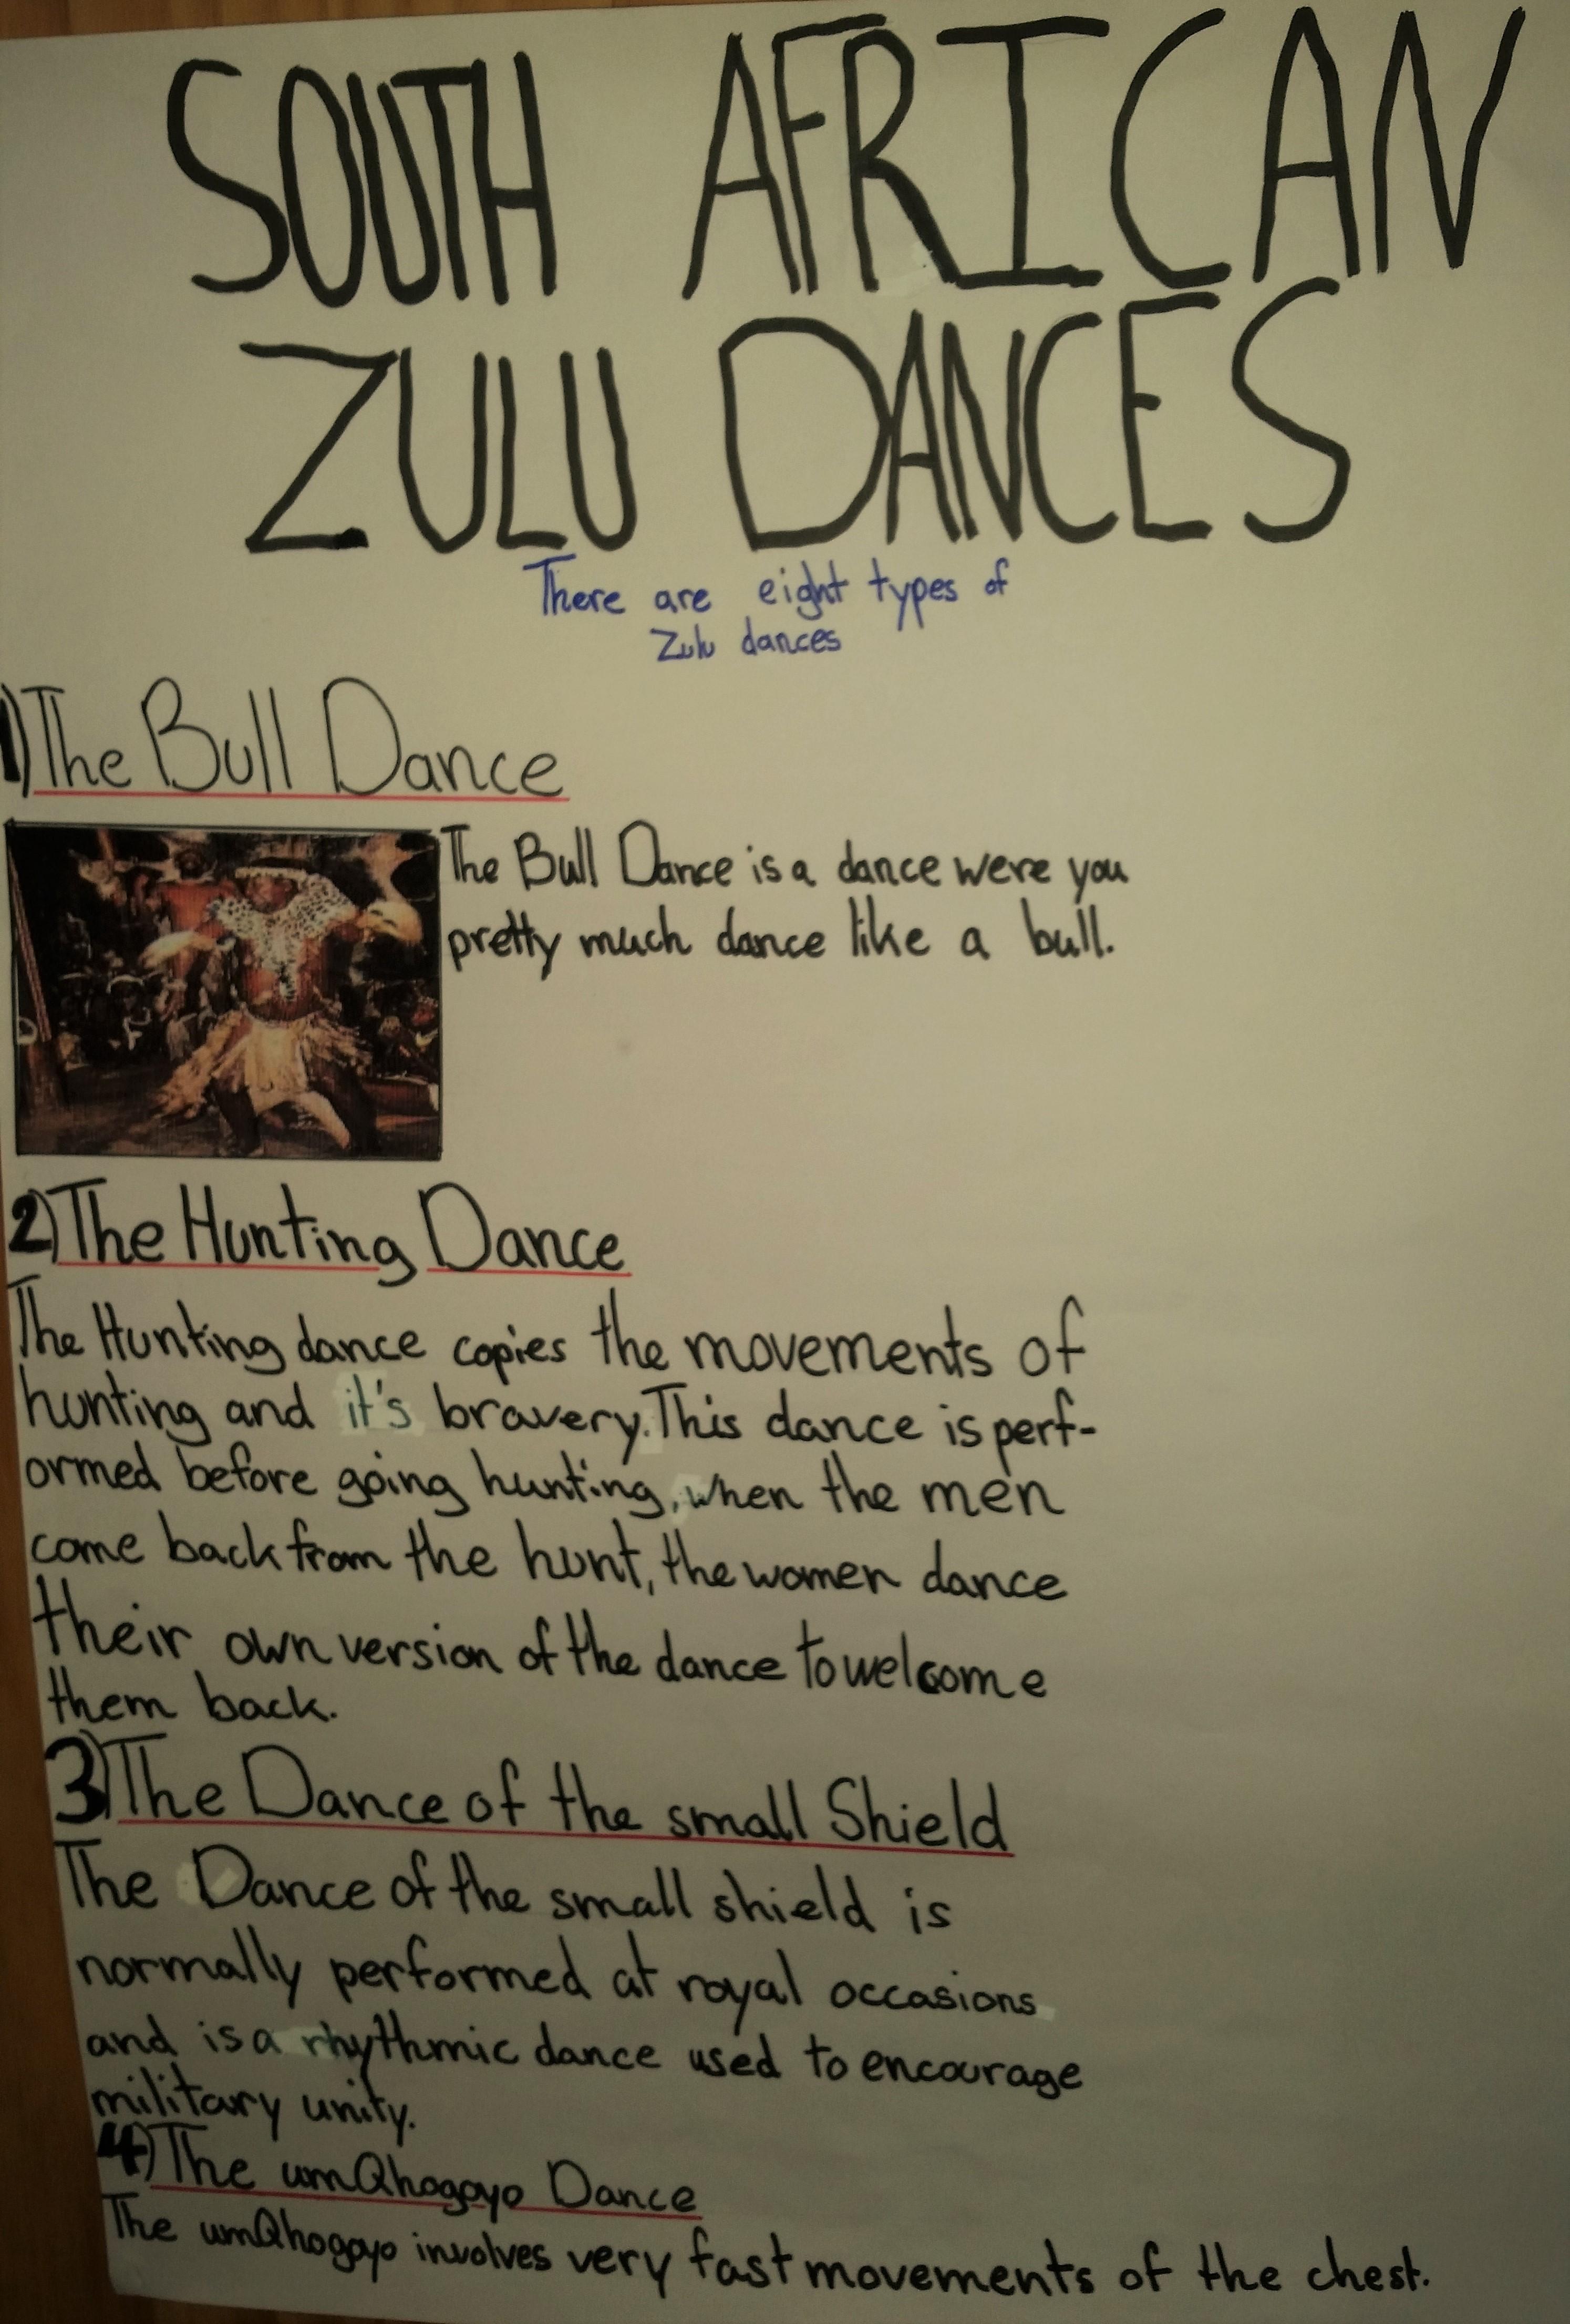 Zulu Dances